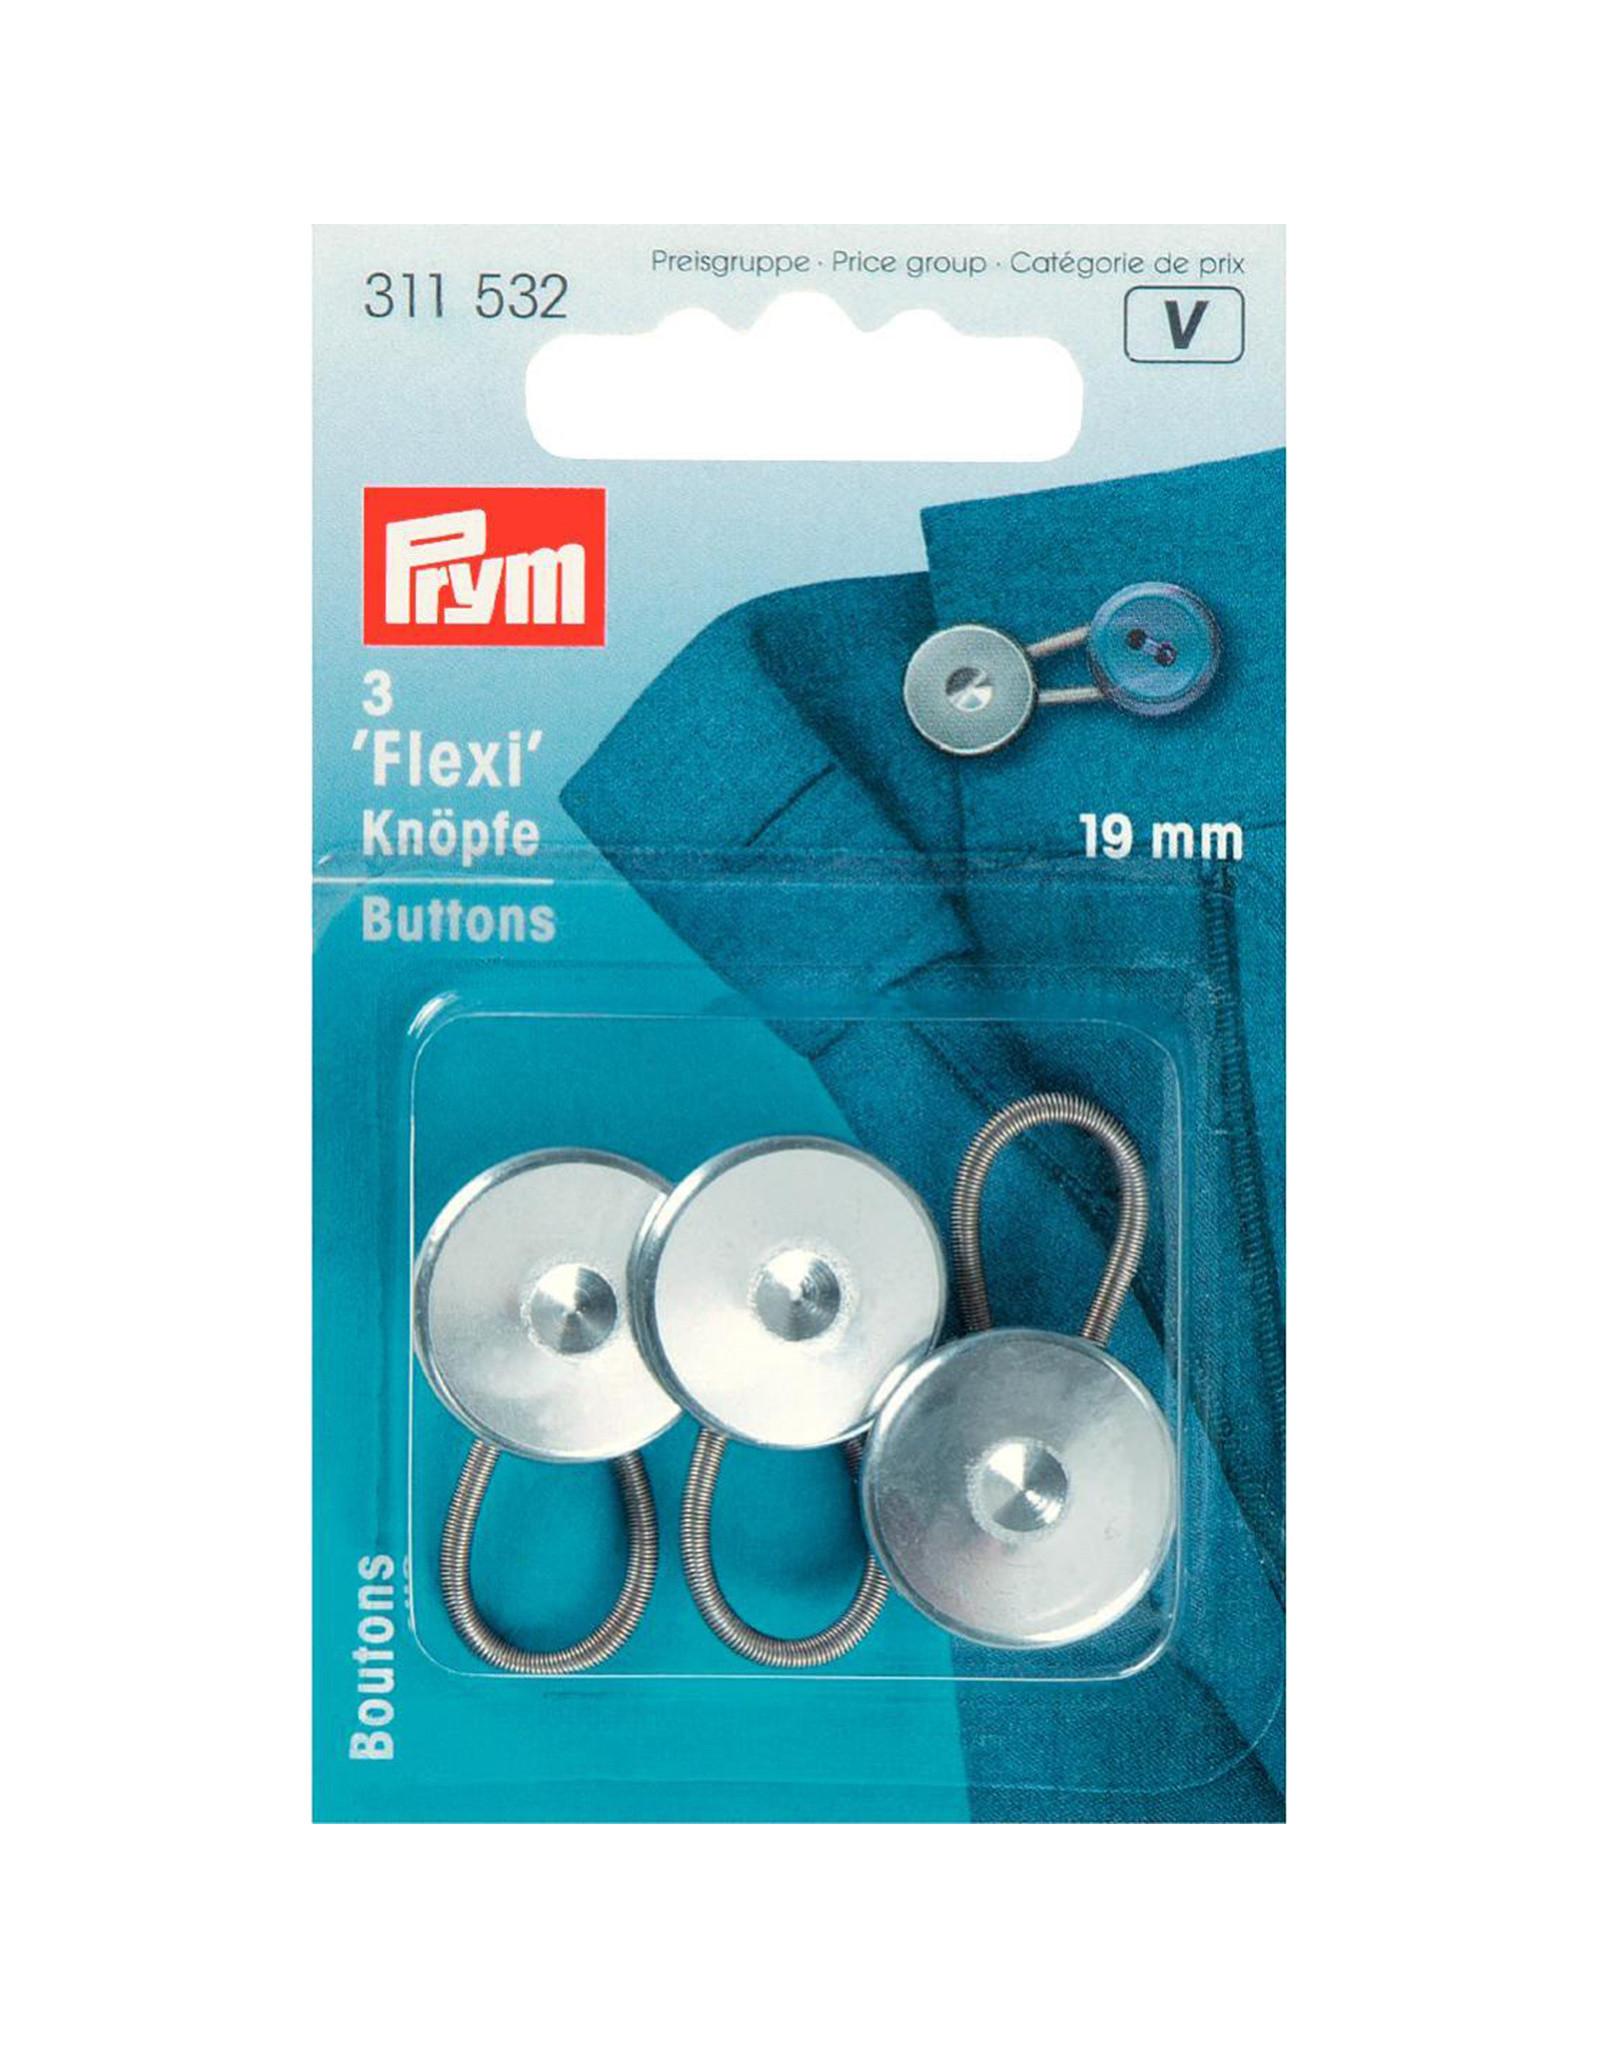 Prym flexi knopfe 19 mm